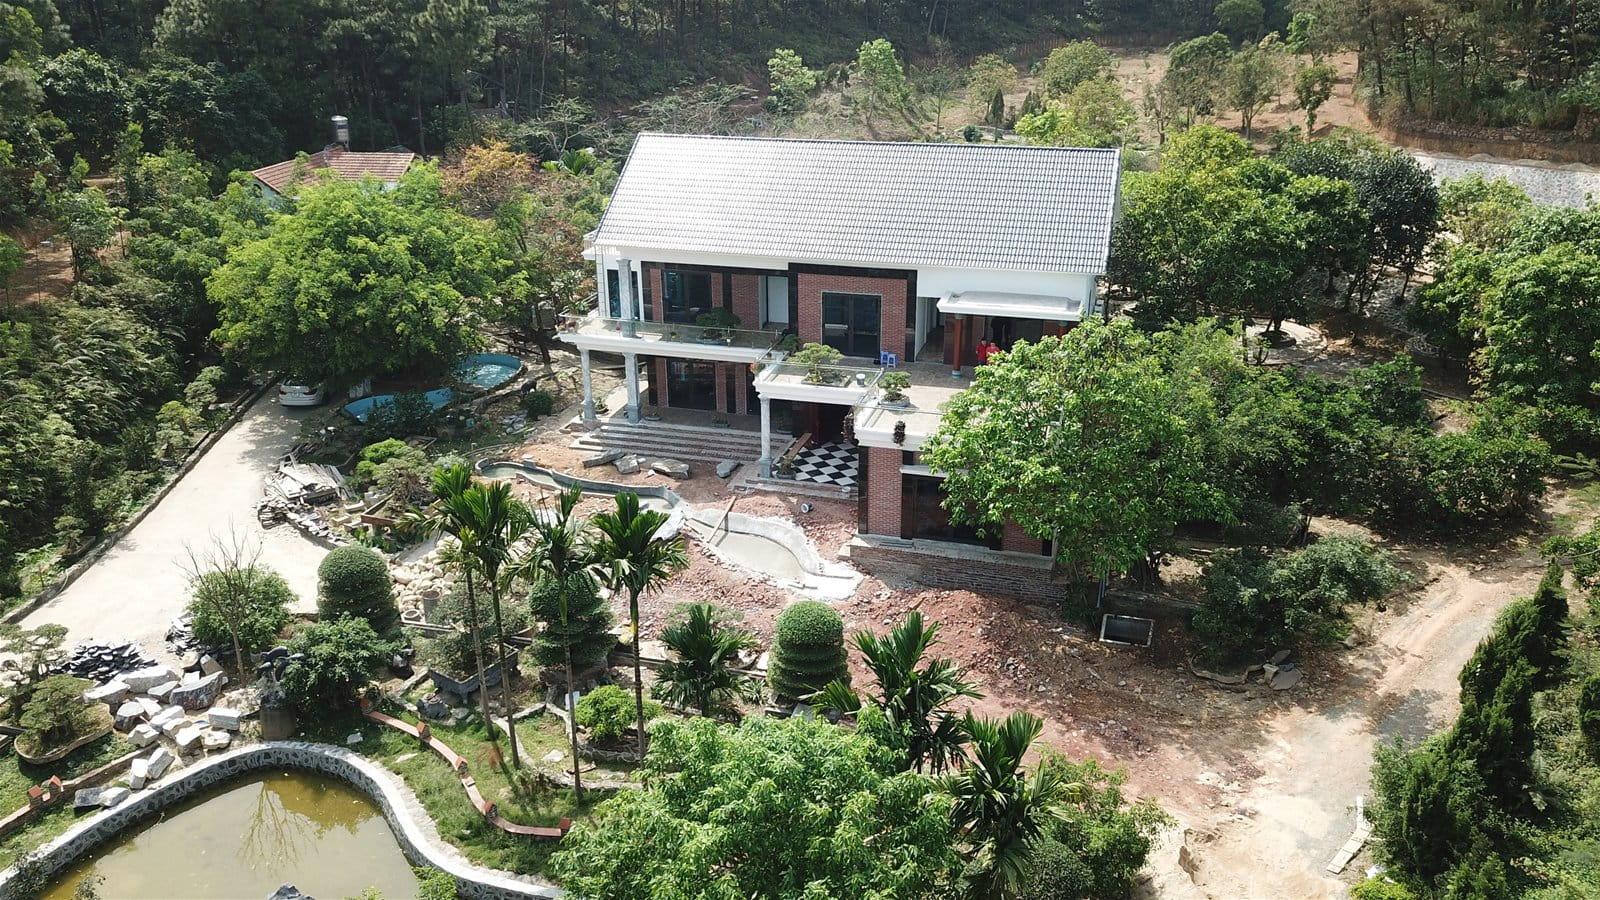 don-he-hoan-hao-tai-khu-resort-giua-rung-thong-xanh-trong-lanh-sat-xit-ha-noi-2